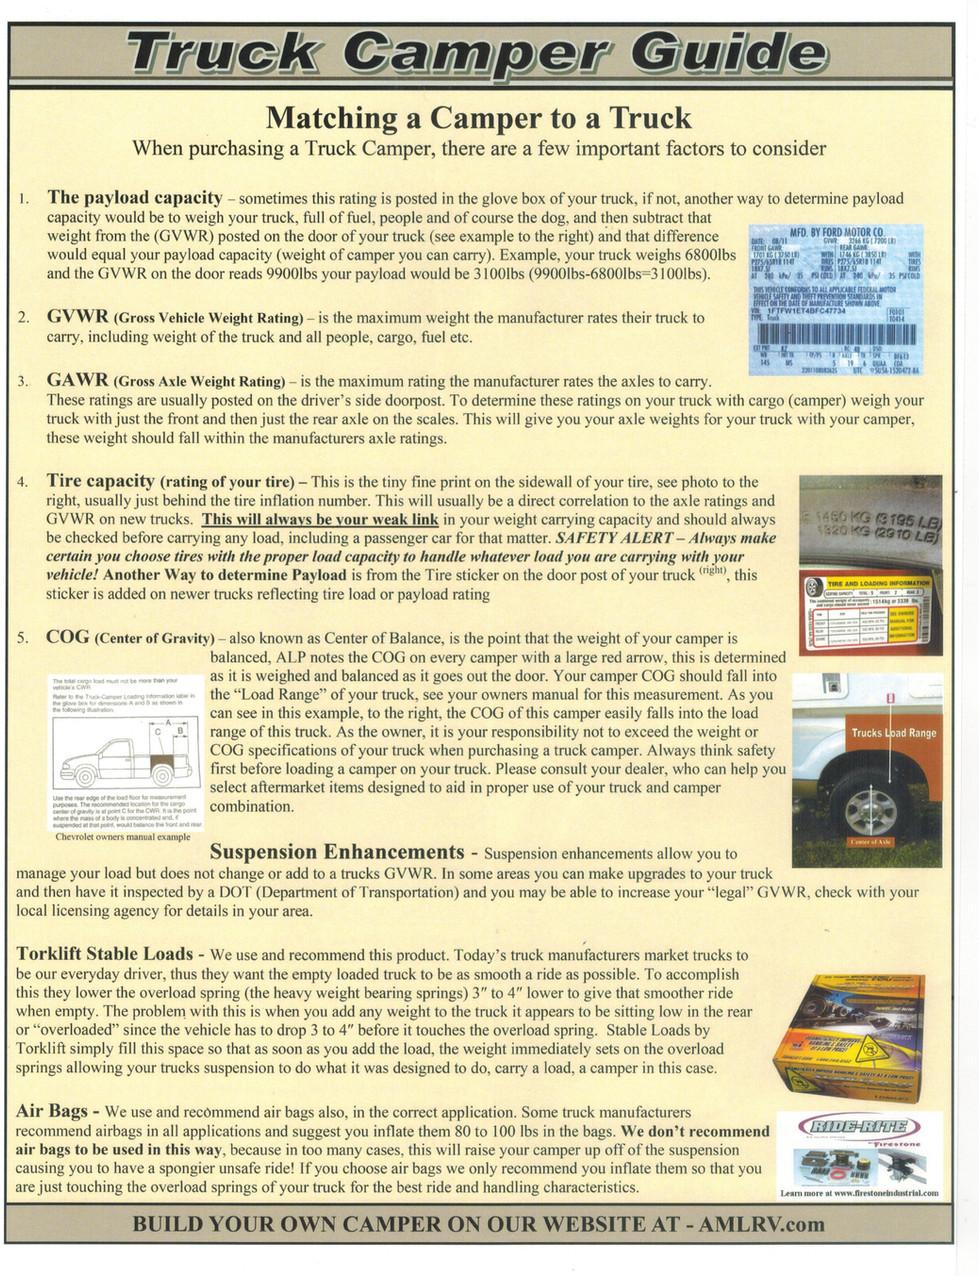 Page 10 Eagle Cap.jpg